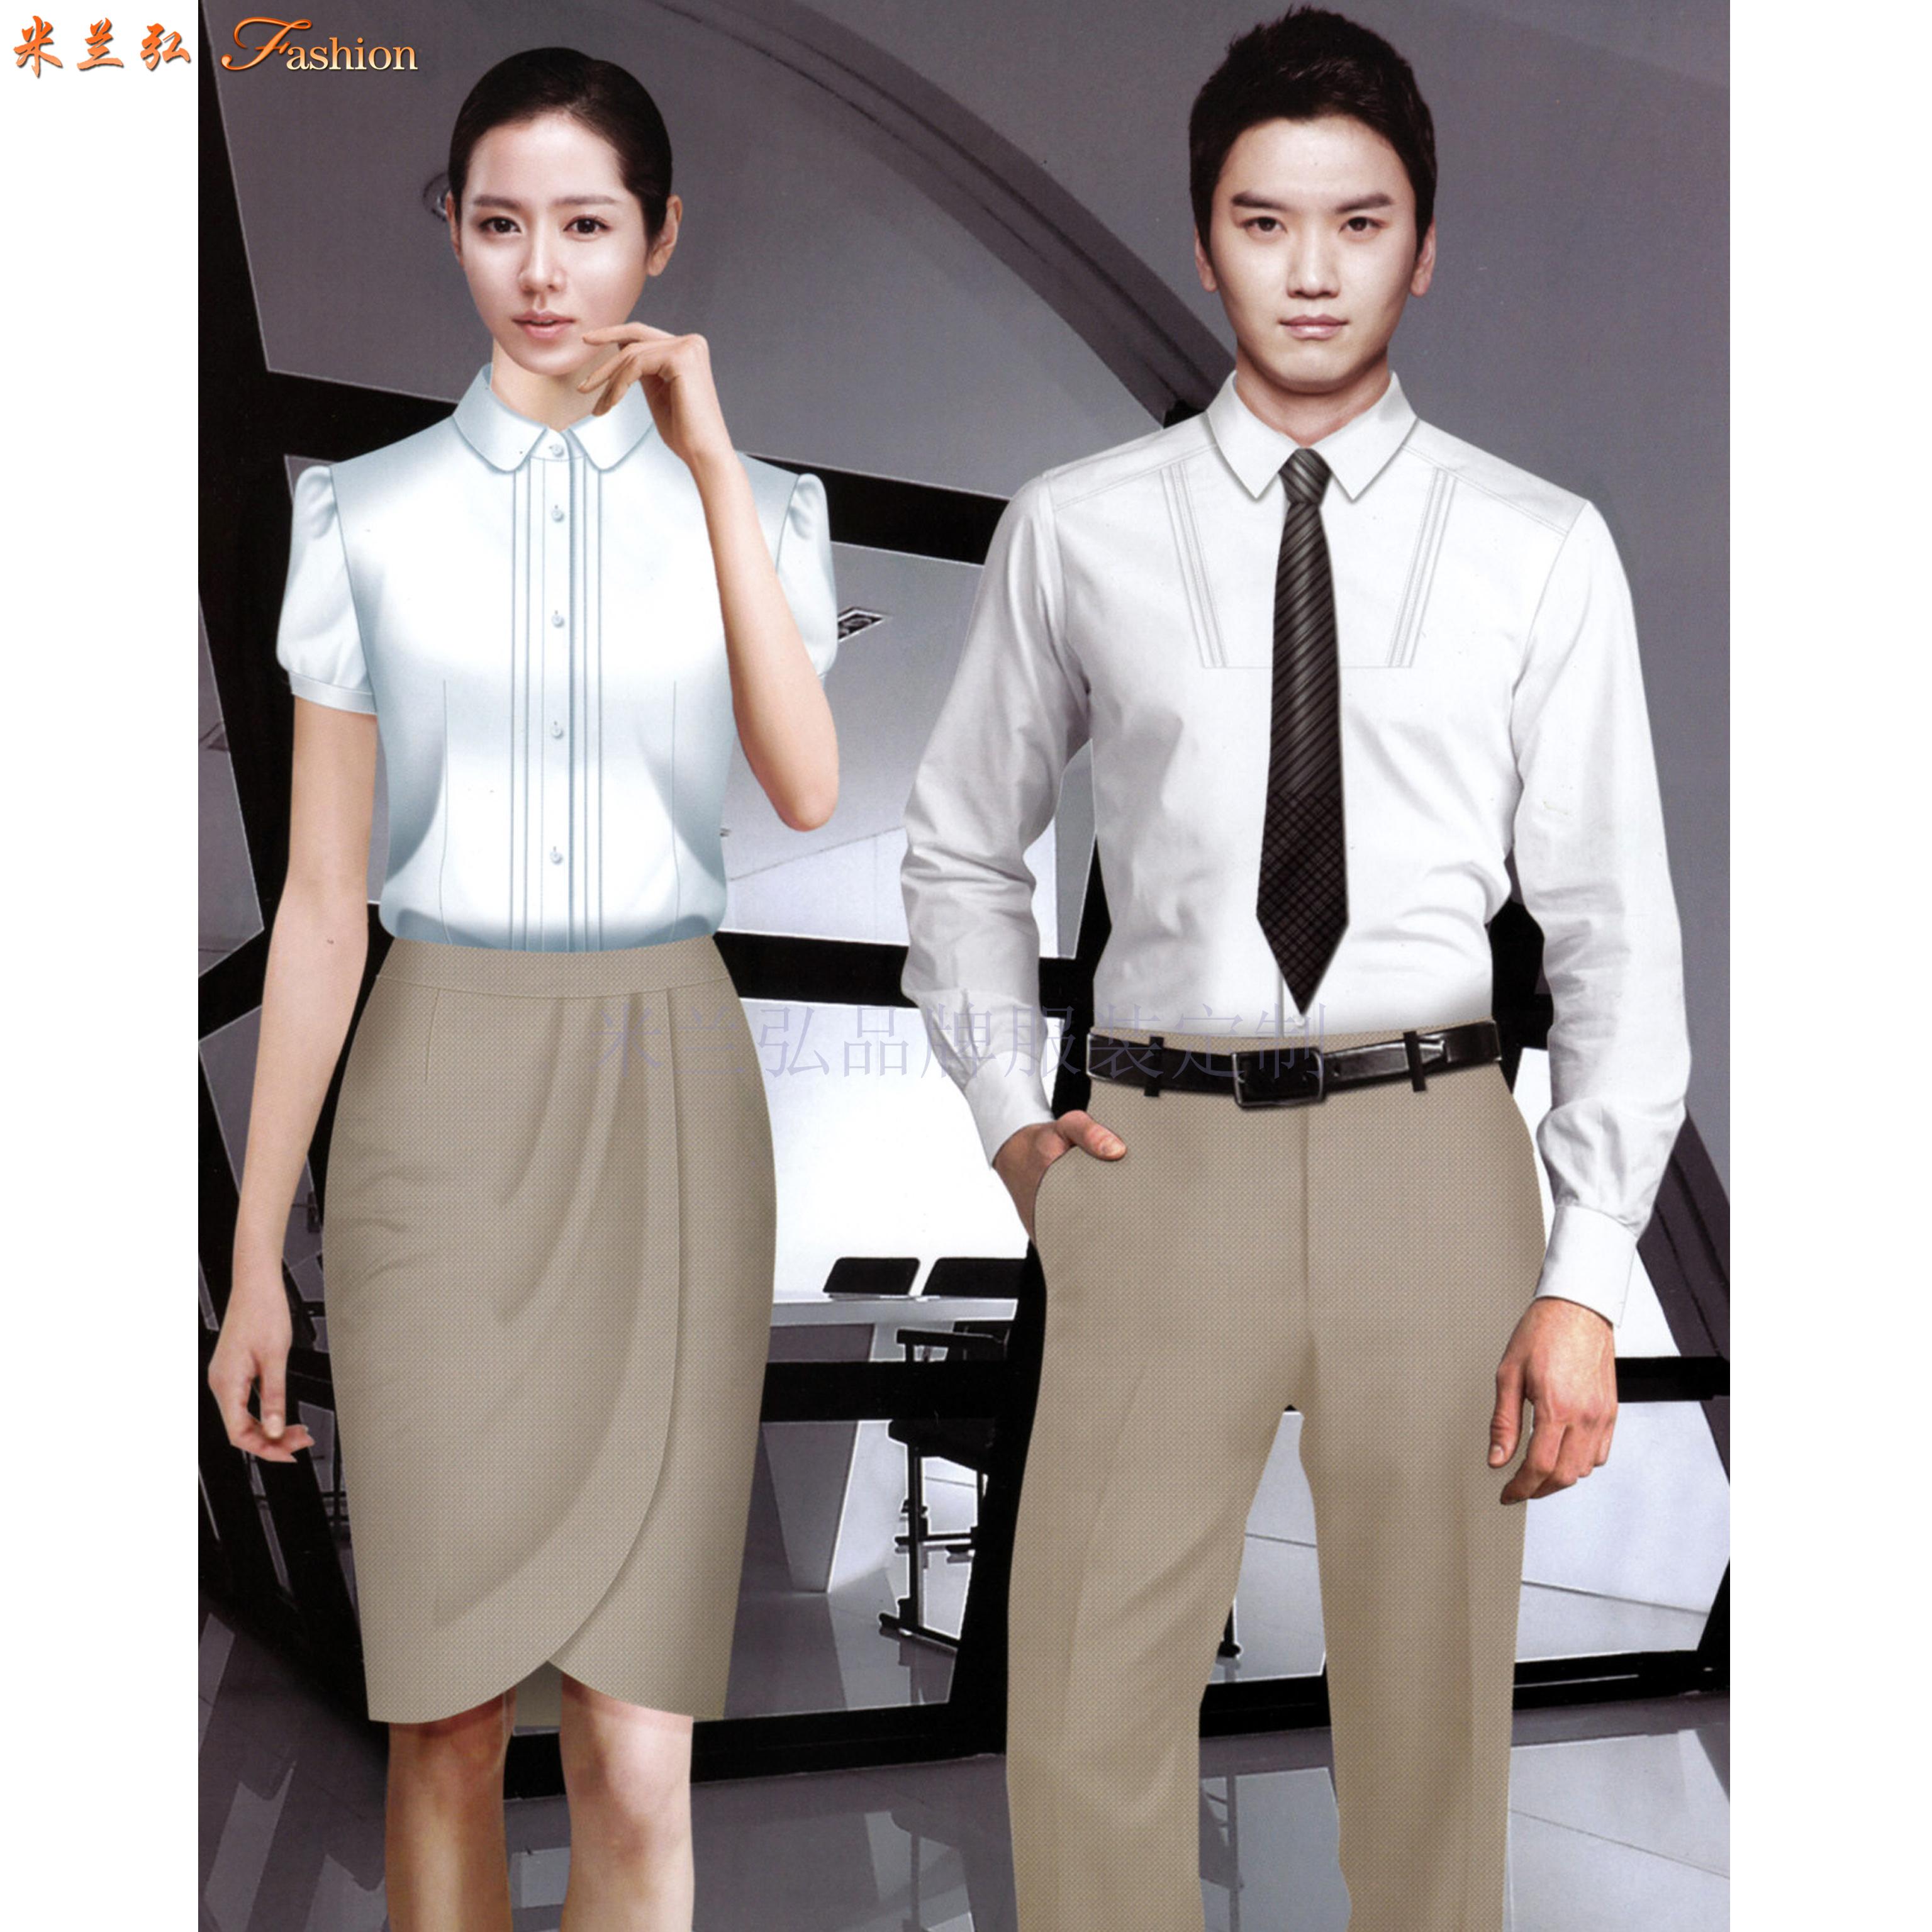 「男式衬衫订制」「女士衬衫定做」工作服衬衫定制工厂-米兰弘-3